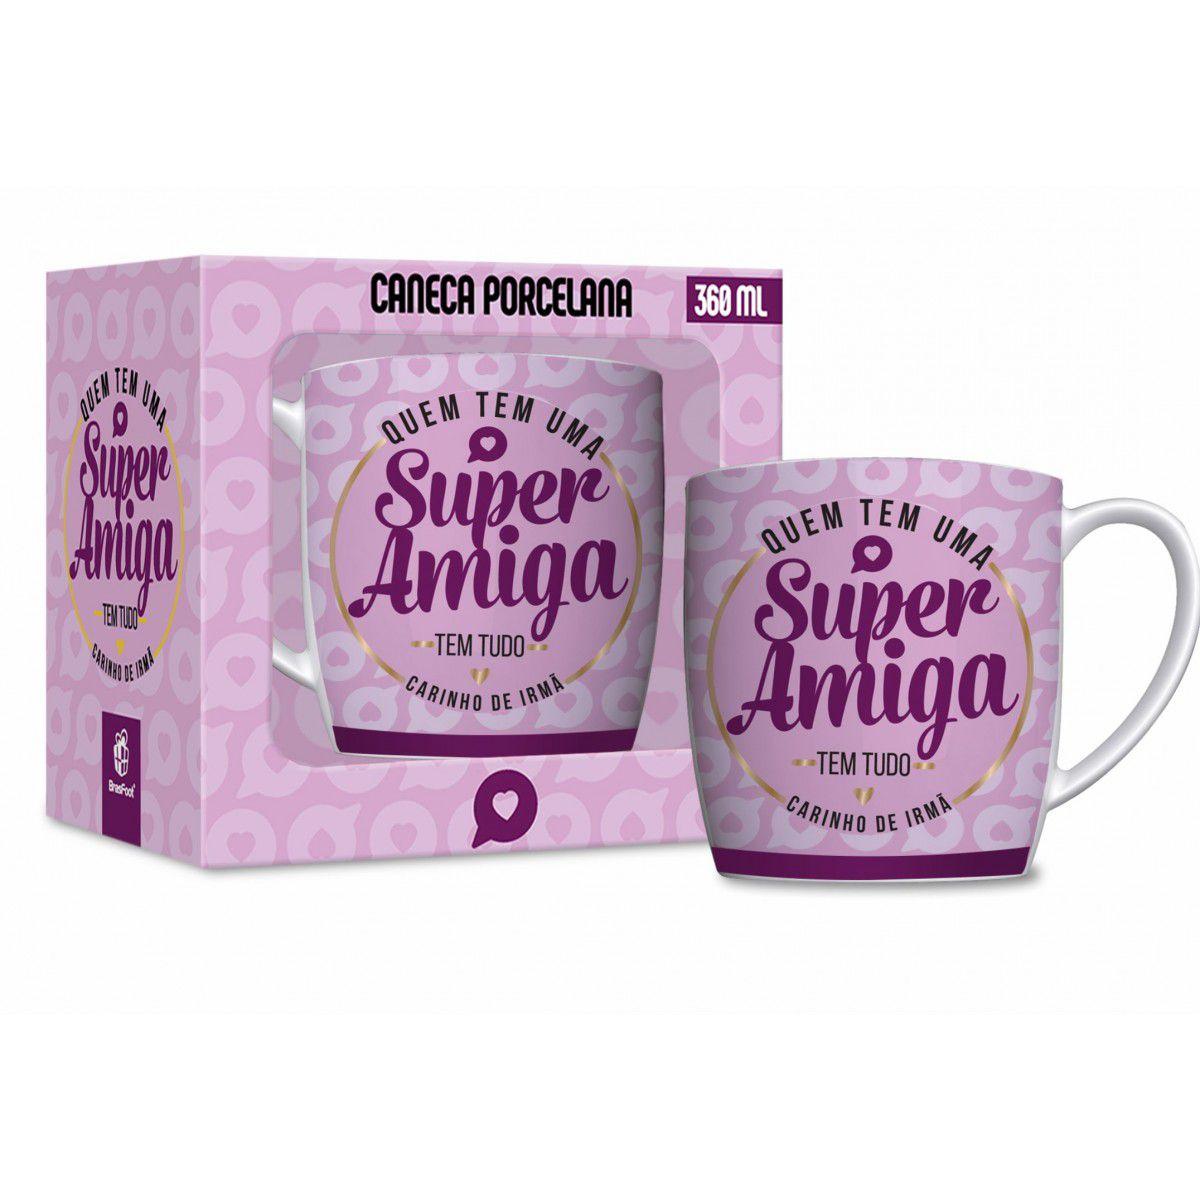 Caneca Urban Super Amiga